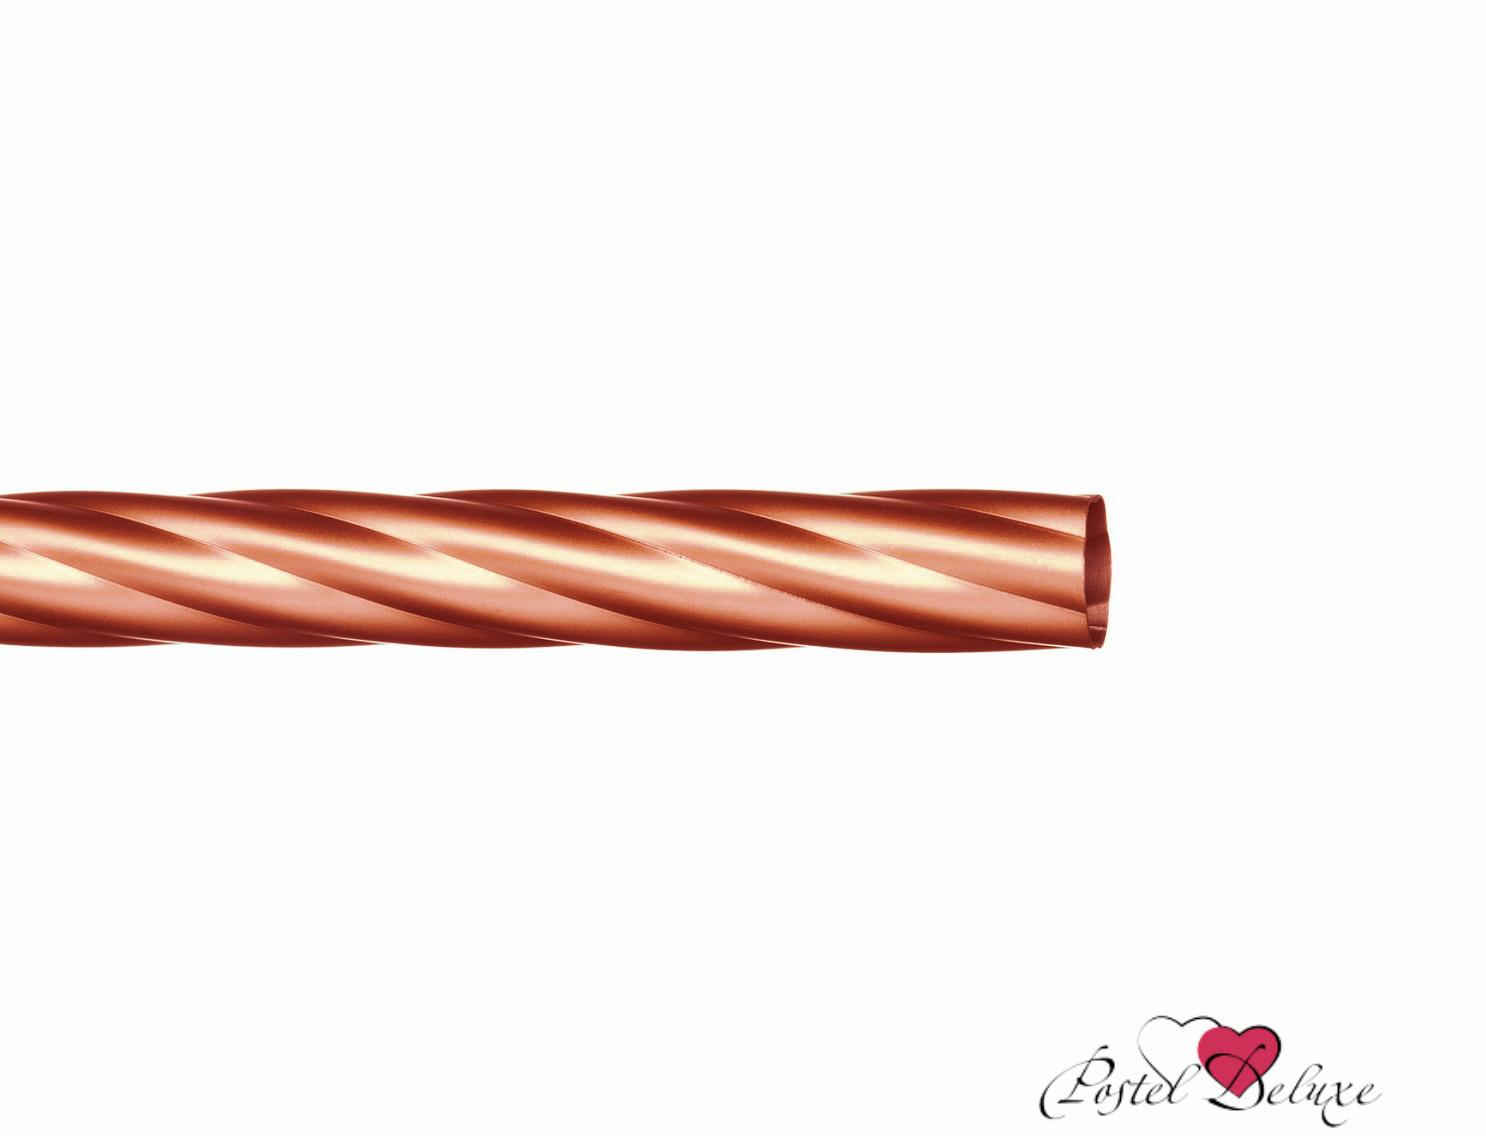 Карнизы ARCODOROРазмер (длина): 180 см<br>Диаметр трубы: 16 мм<br>Материал карниза: Металл<br>Тип карниза: Однорядный карниз<br>Форма карниза: Прямой карниз<br>Вид изделия: Витой карниз<br>Крепление: Настенный карниз,Потолочный карниз<br><br>Штанга имеет гальваническое покрытие, что позволяет ей сохранить цвет и привлекательный внешний вид на долгие годы.<br><br>Комплектация:<br>- штанга витая.<br><br>Кронштейны, Наконечники/заглушки, крепления для штор в комплекте не идут.<br><br>Производитель: ARCODORO<br>Cтрана производства: Россия<br><br>Тип: Карнизы<br>Размерность комплекта: Карнизы<br>Материал: Металл<br>Размер наволочки: None<br>Подарочная упаковка: Карнизы<br>Для детей: Карнизы<br>Ткань: Металл<br>Цвет: None